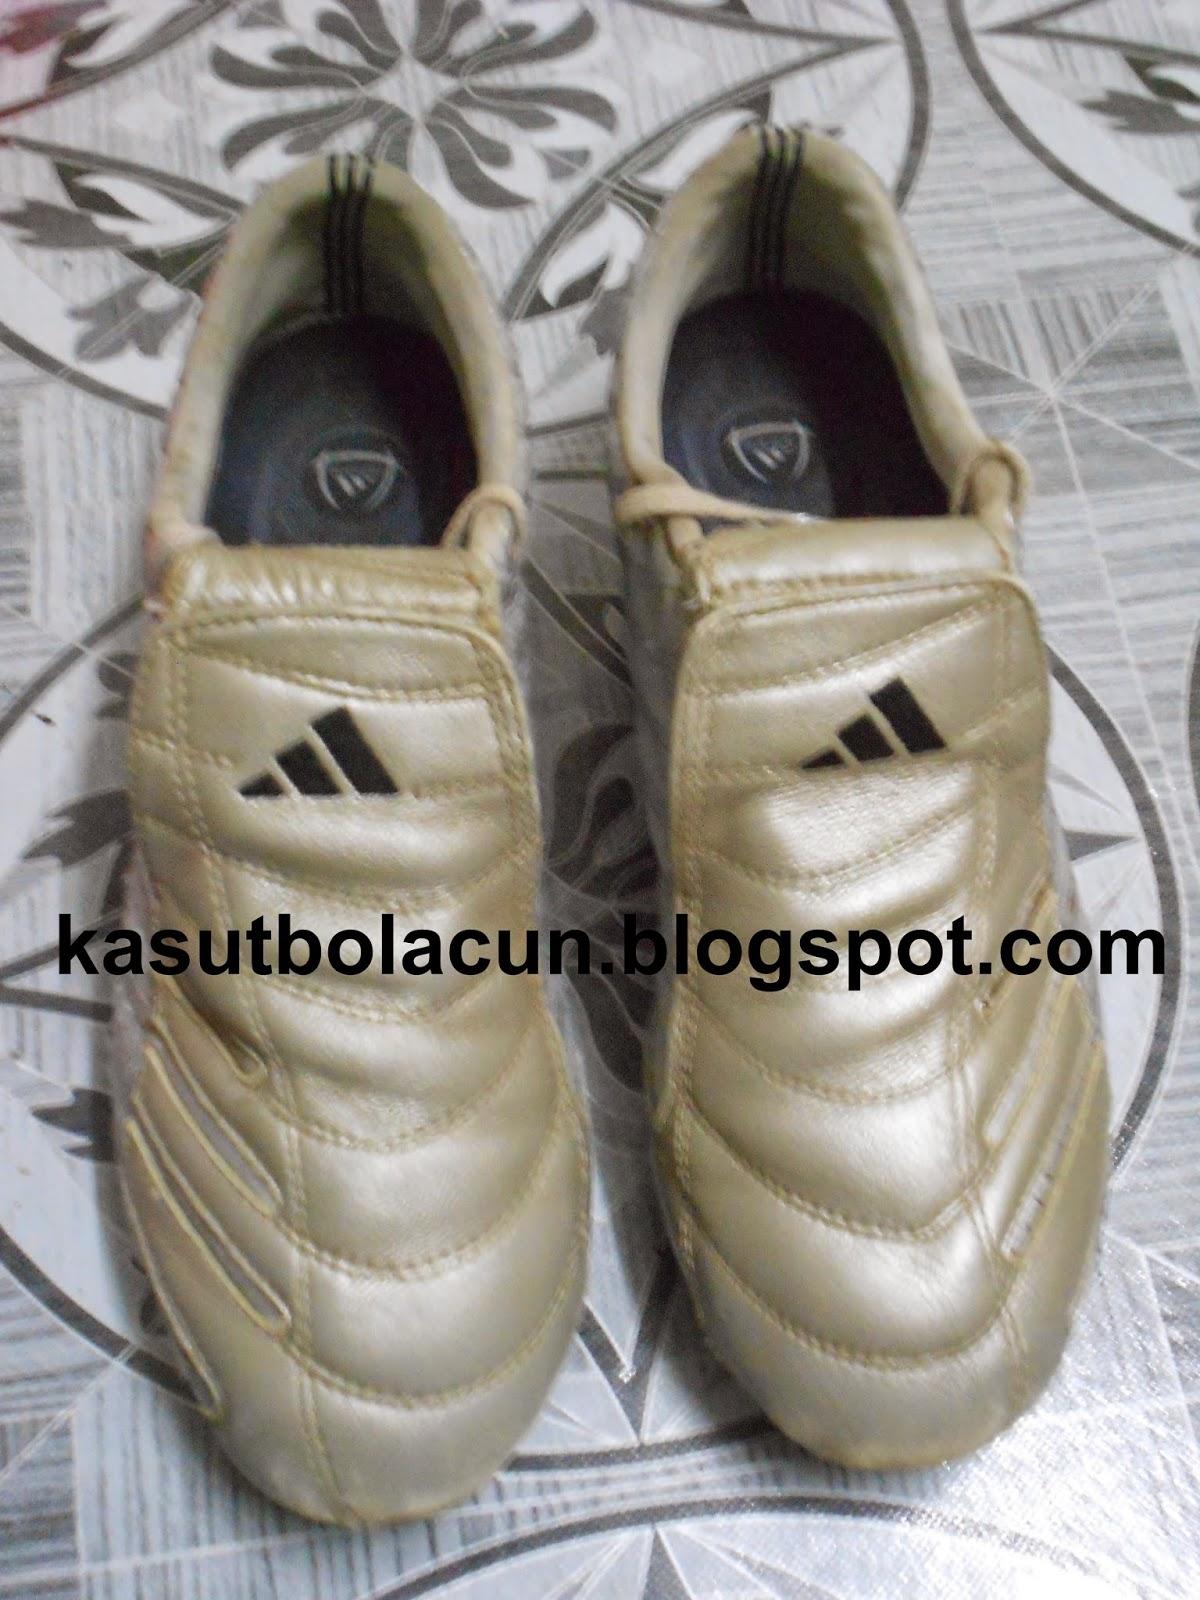 http://kasutbolacun.blogspot.com/2015/03/adidas-f50-fg-adidas-f50-spider.html